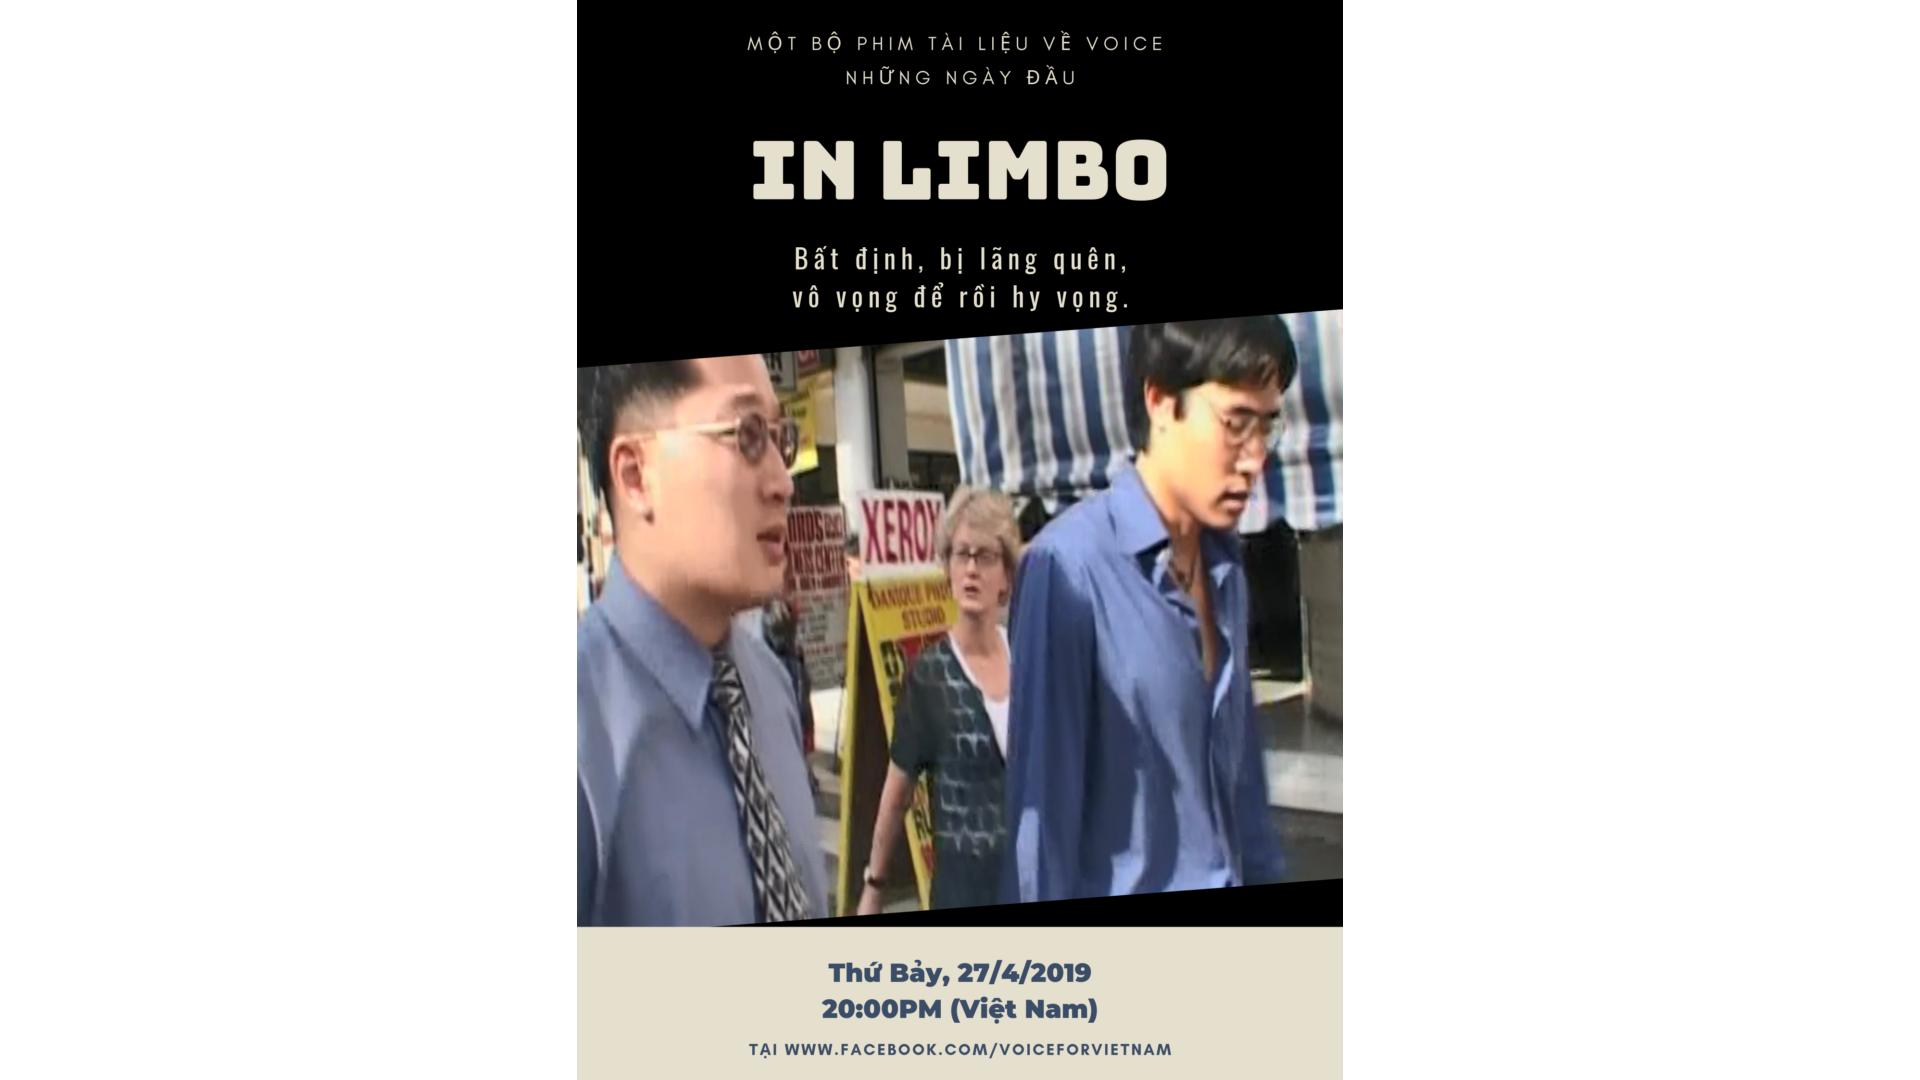 Bộ phim tài liệu 'In Limbo' sẽ được trình chiếu trên Facebook của VOICE